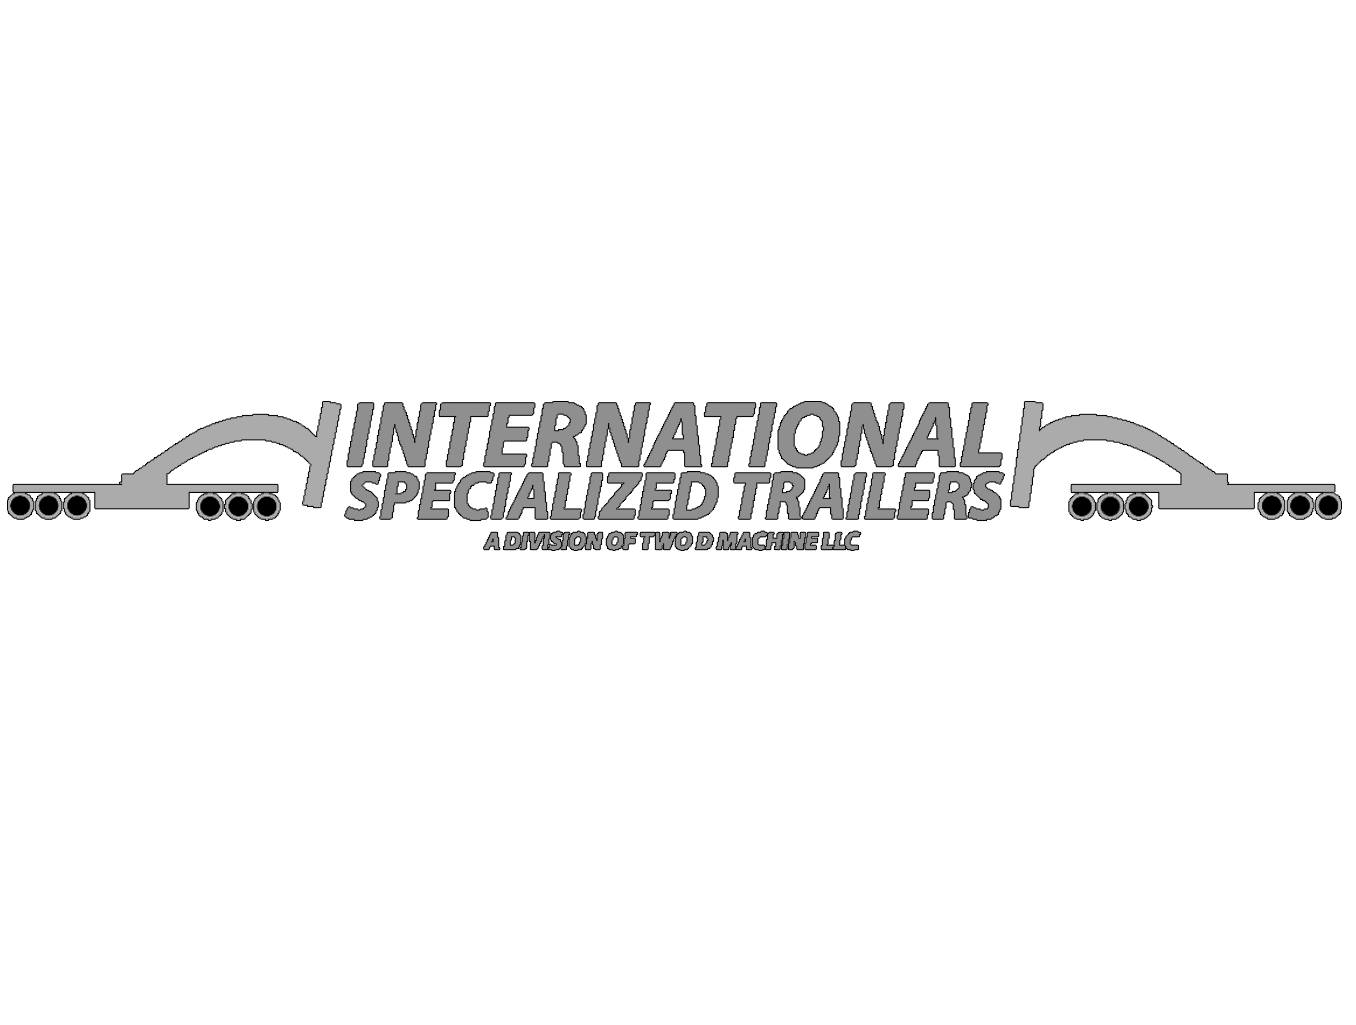 International Specialized Trailers